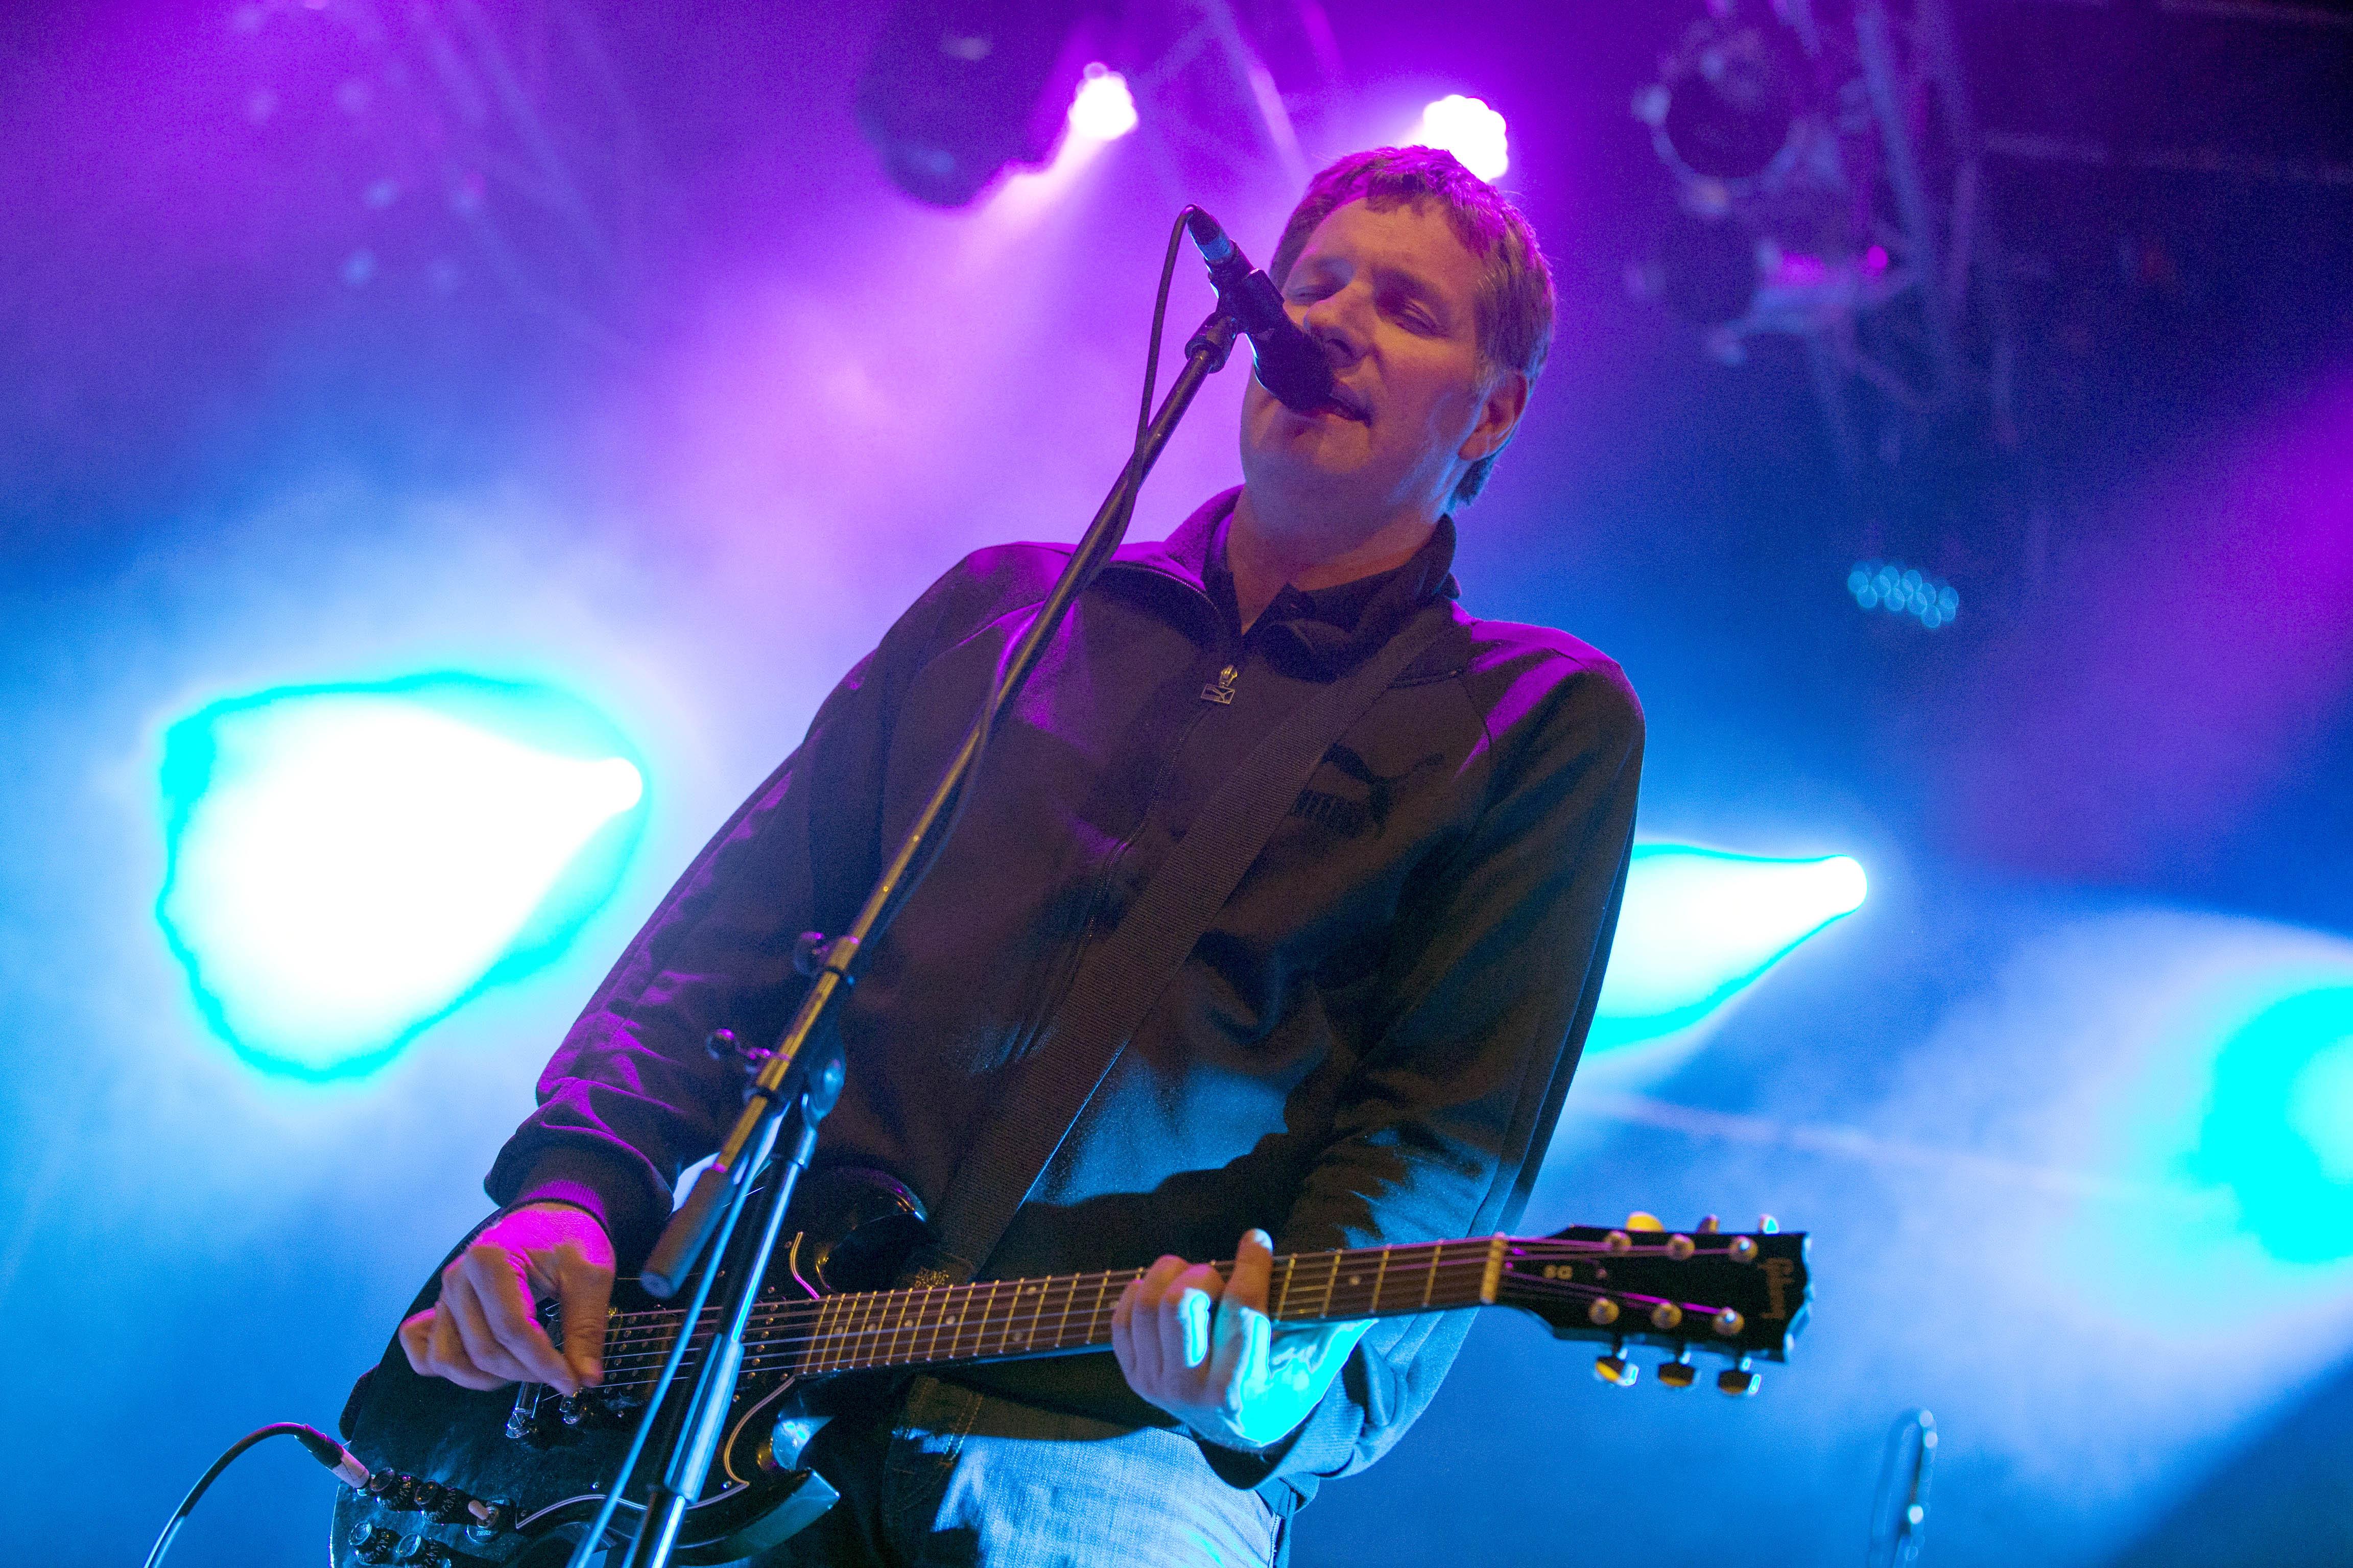 Kettcar - die deutsche Band mit Saenger Marcus Wiebusch bei einem Konzert am 27.04.2013 in Hamburg, Holsten Brauerei Fest  KE